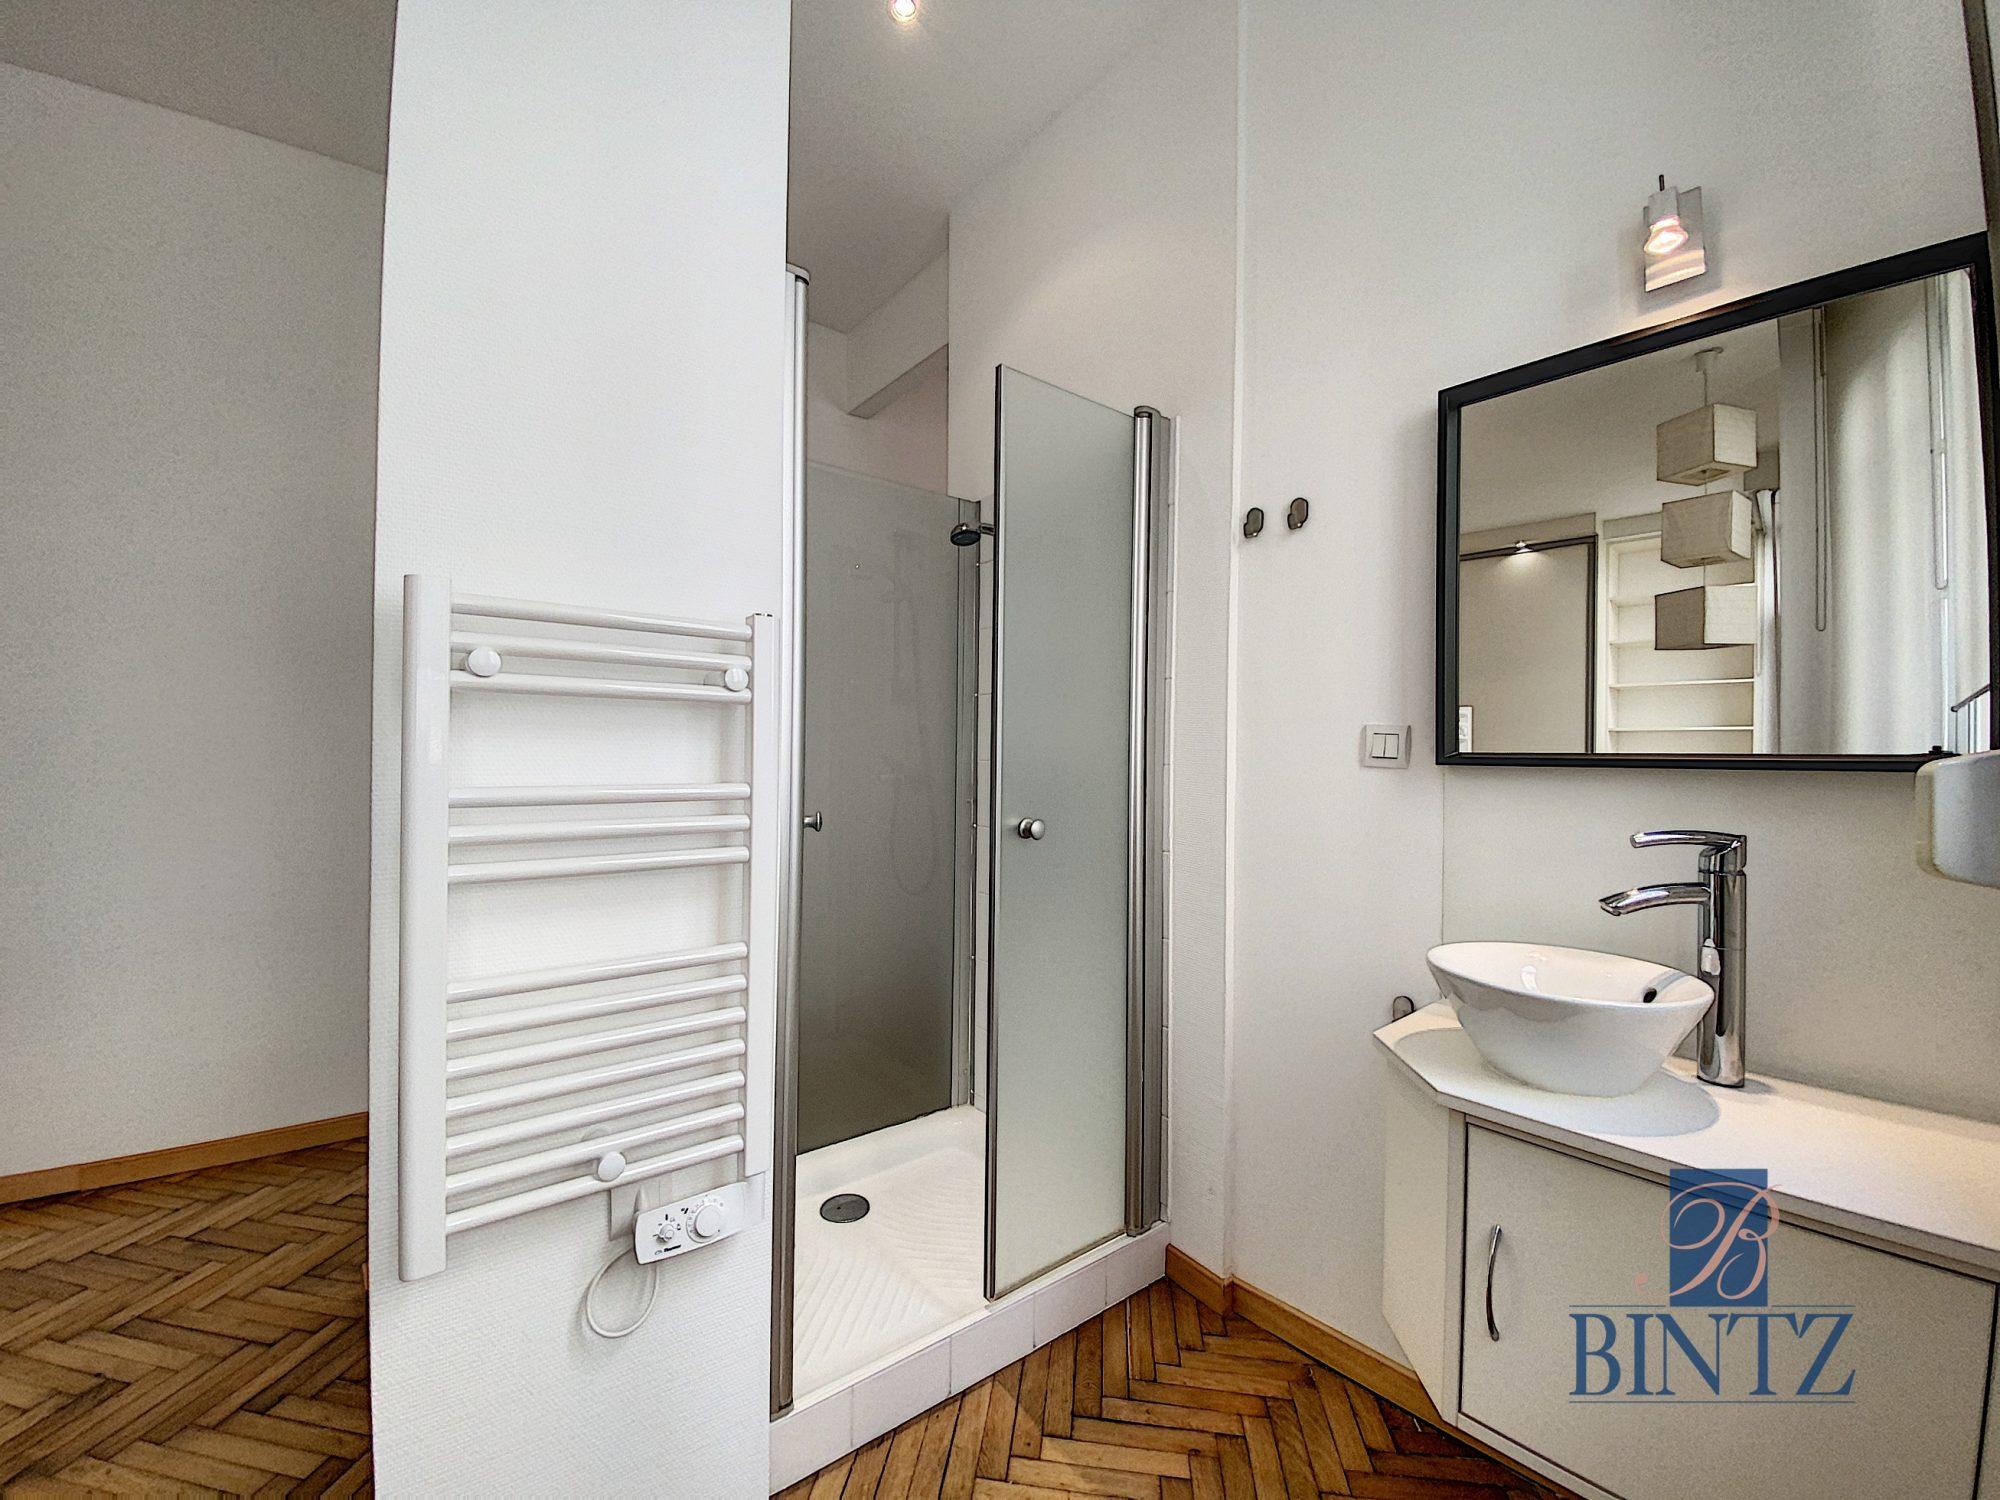 GRAND 1PIÈCE MEUBLÉ NEUSTADT - Devenez locataire en toute sérénité - Bintz Immobilier - 4